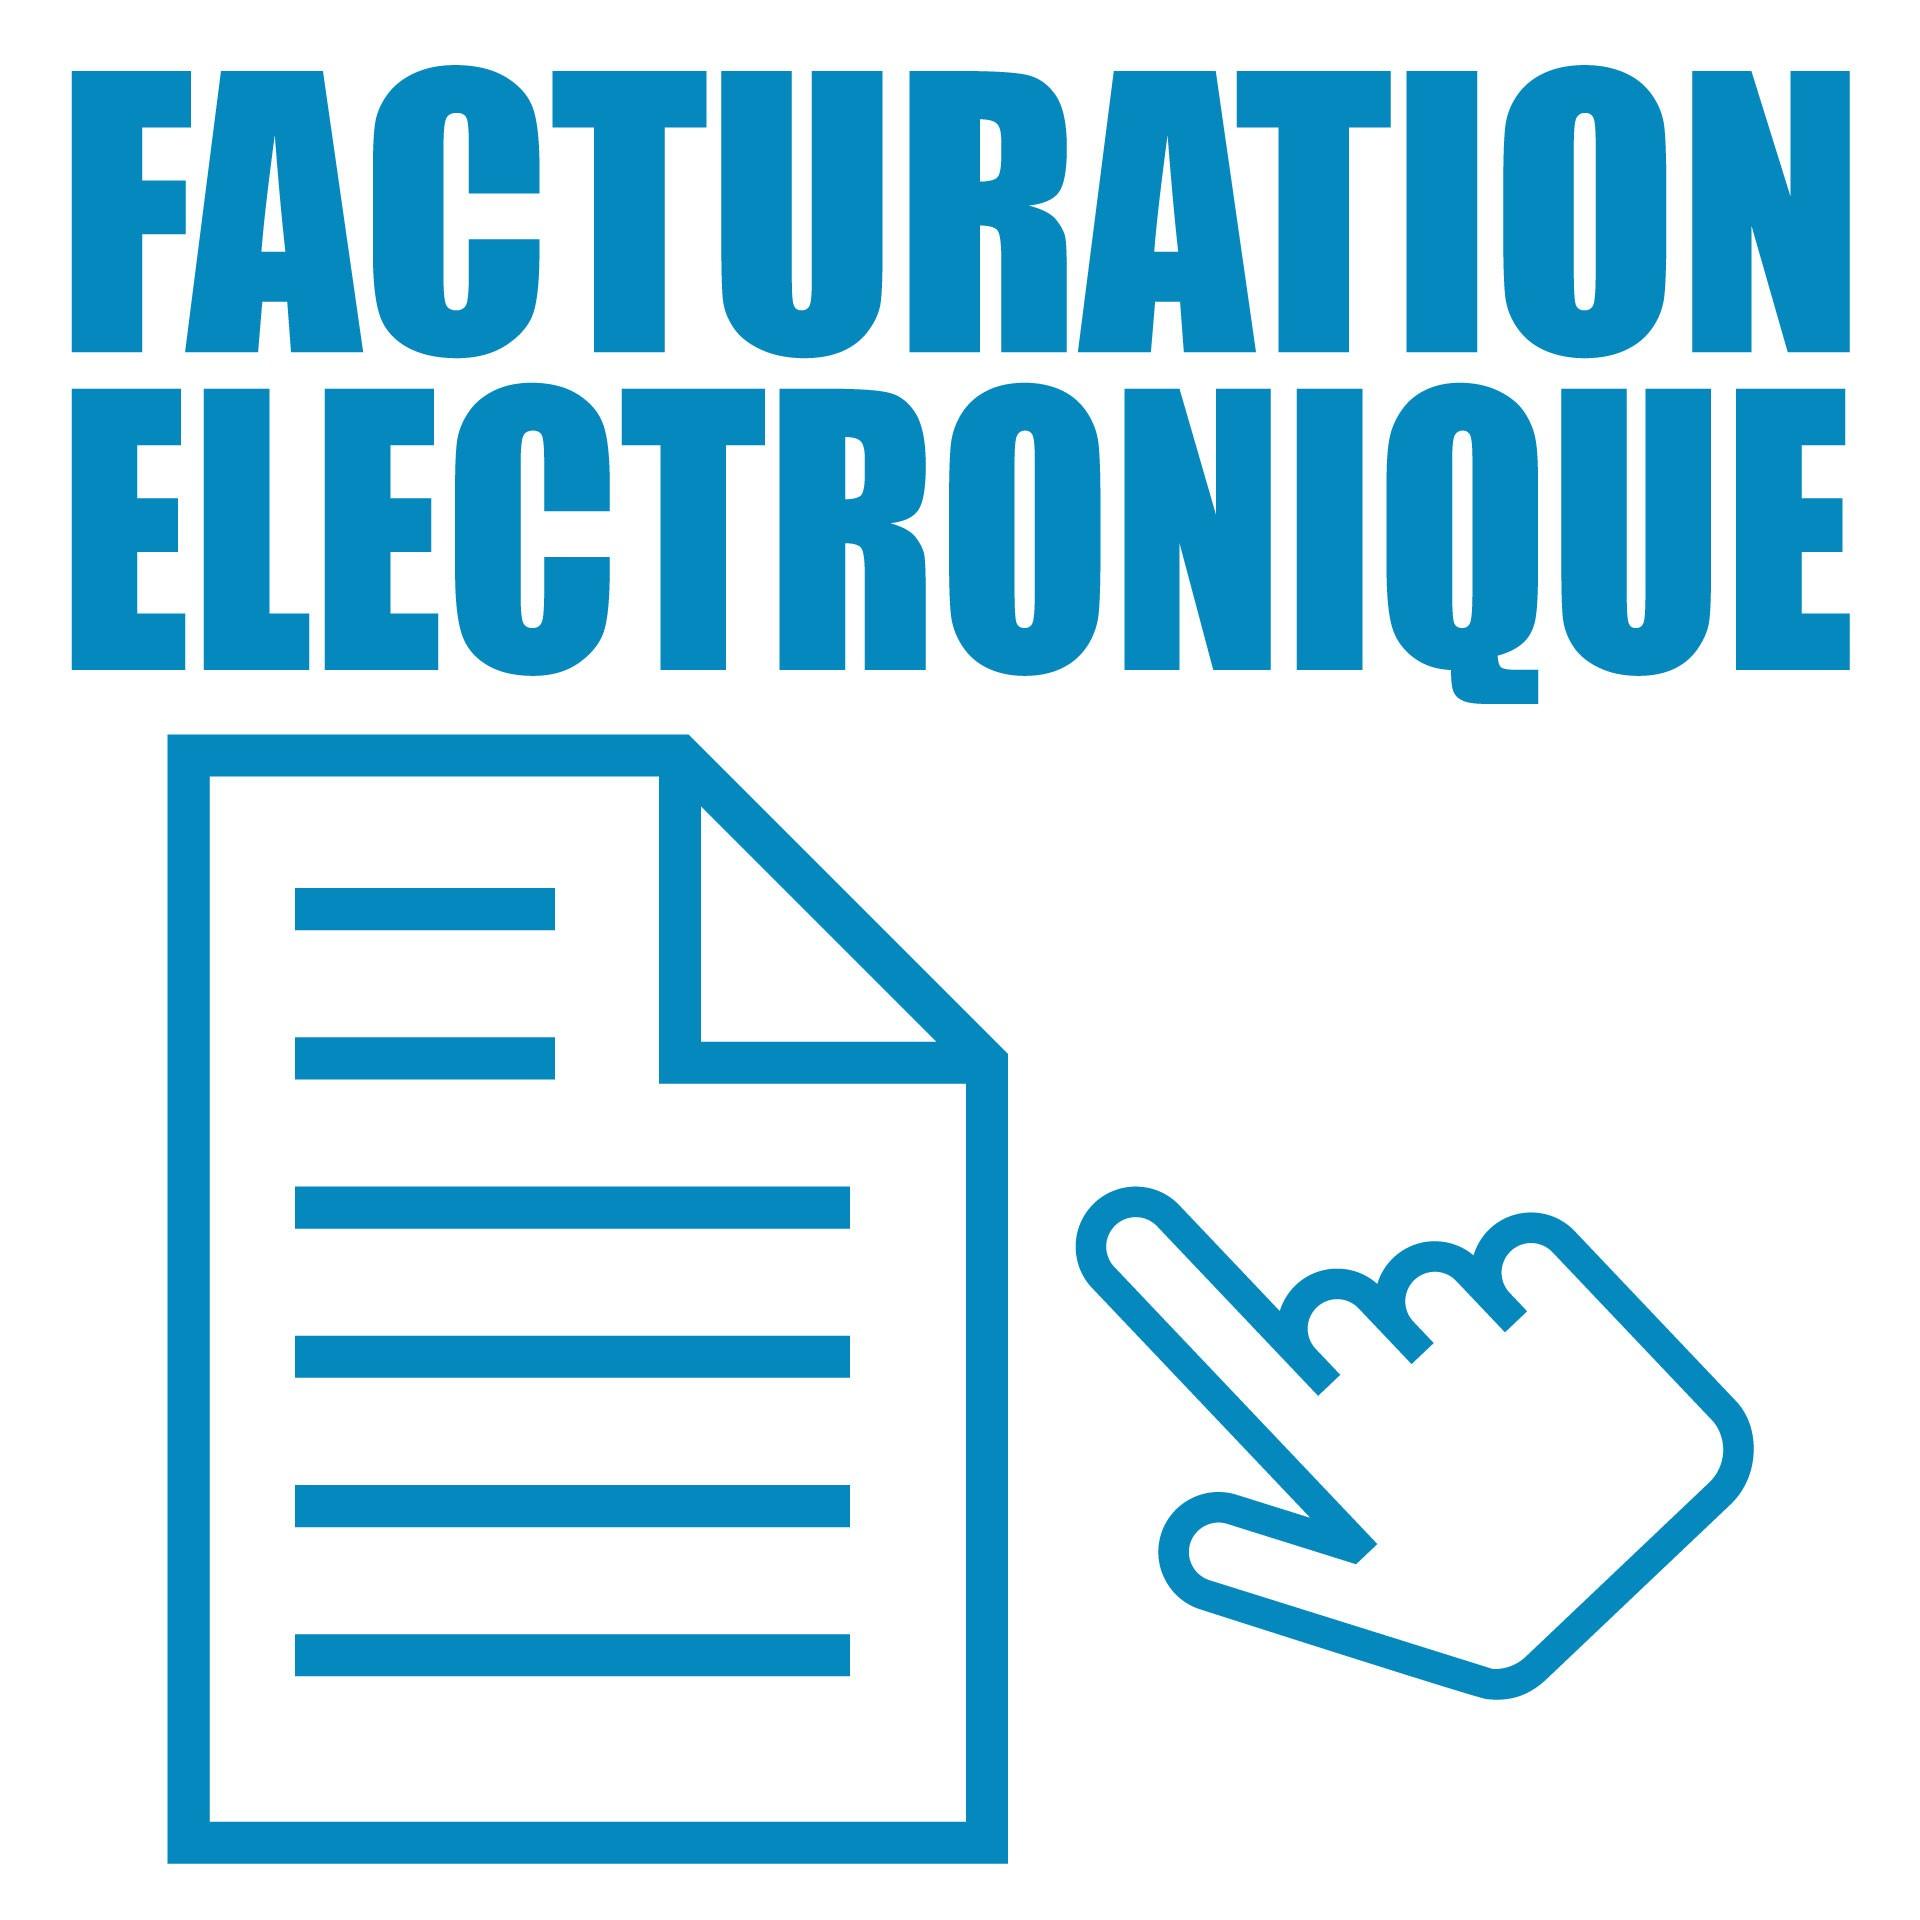 La facturation électronique : une nouvelle étape au 1er janvier 2019